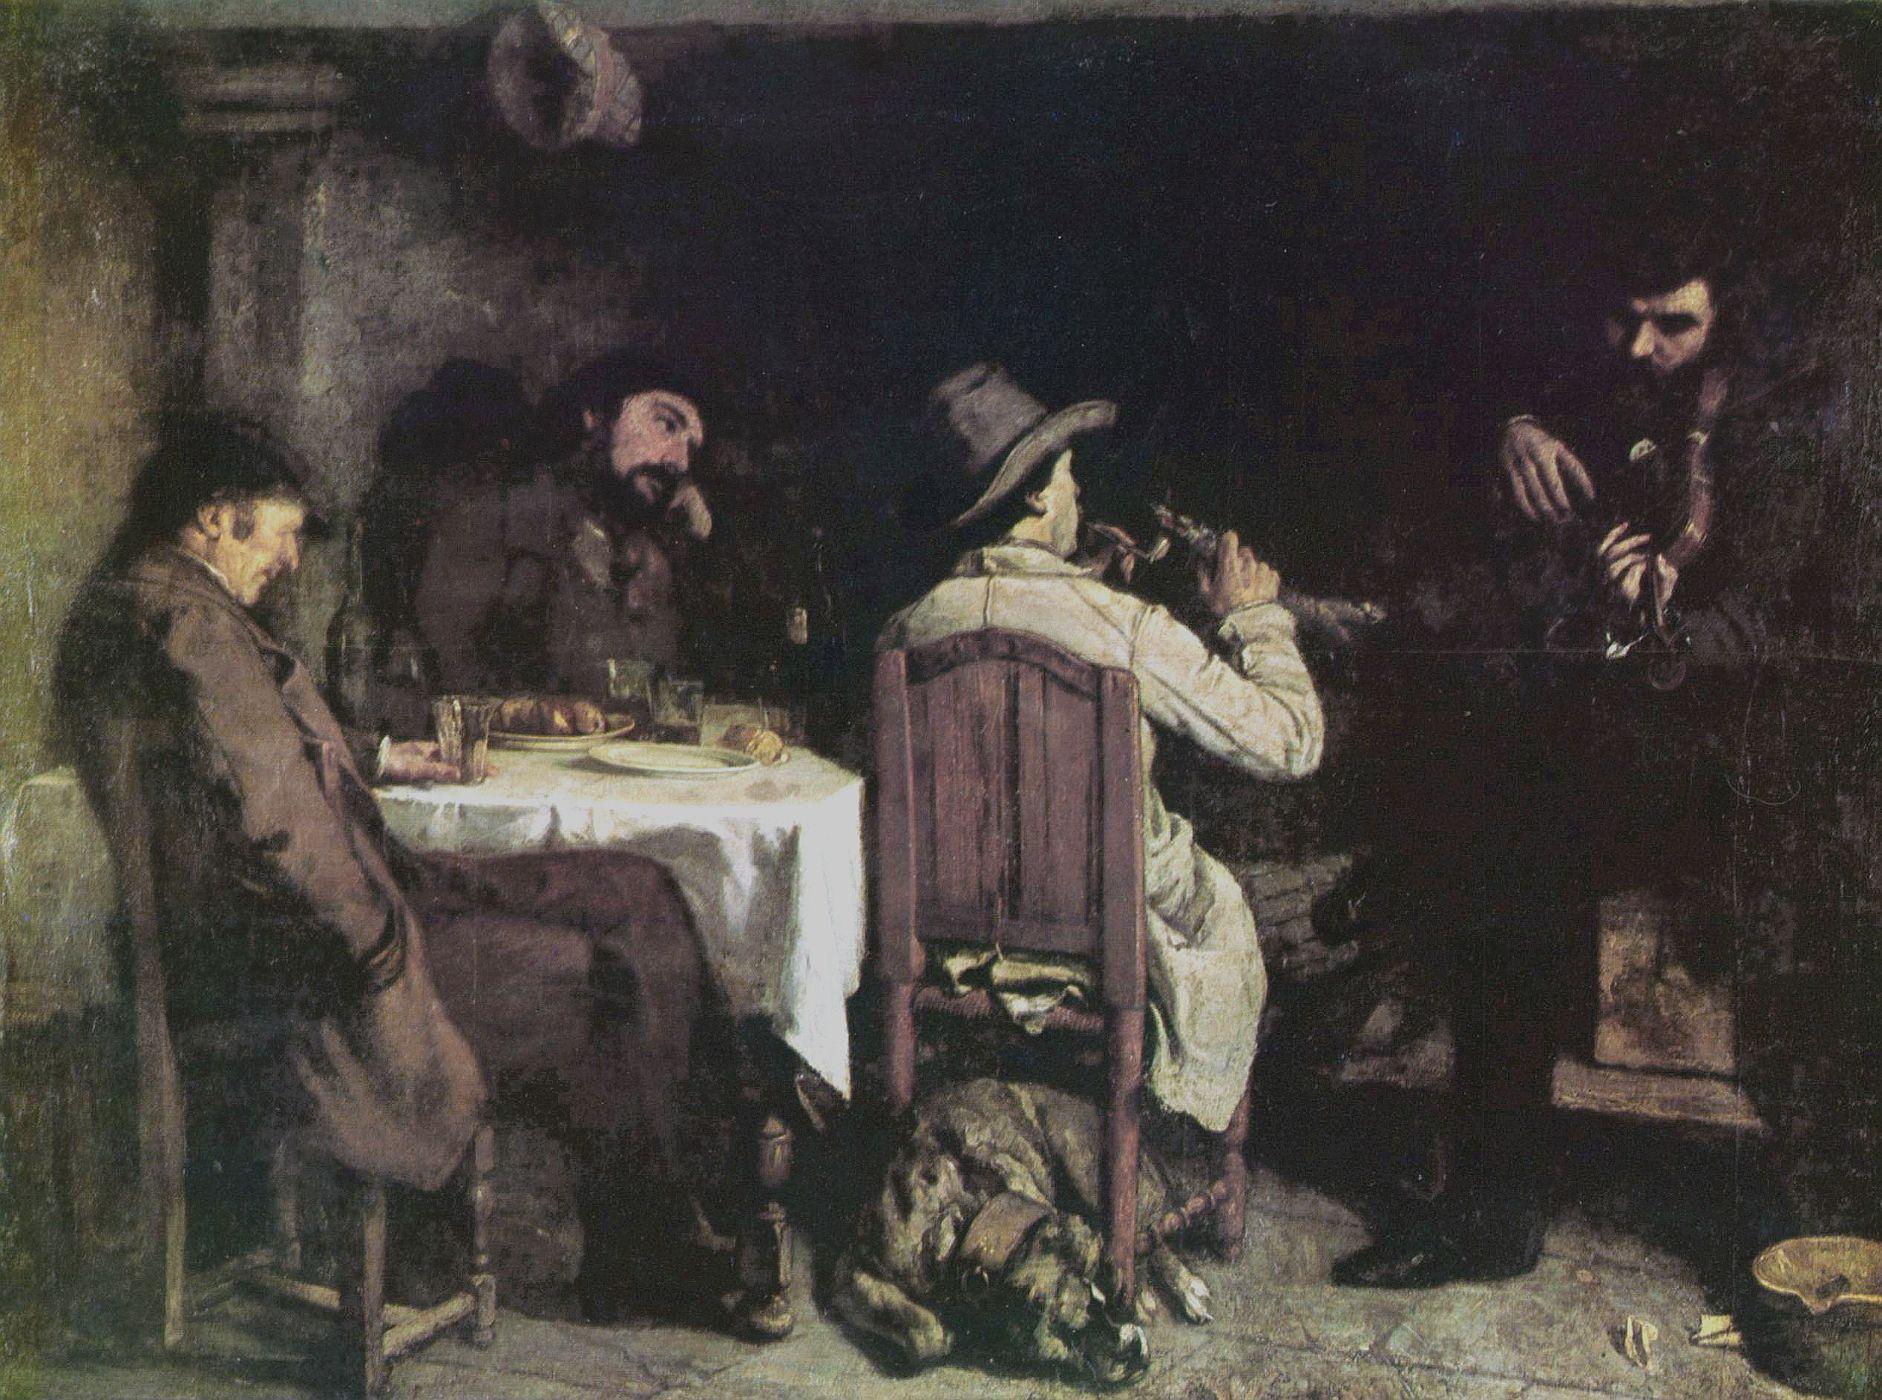 Gustave Courbet: Une après-dinée à Ornans/Efter middag i Ornans, 1849. Maleriet hænger på Palais des Beaux-Arts de Lille. The Yorck Project (2002) 10.000 Meisterwerke der Malerei (DVD-ROM), distributed by DIRECTMEDIA Publishing GmbH. Public Domain,